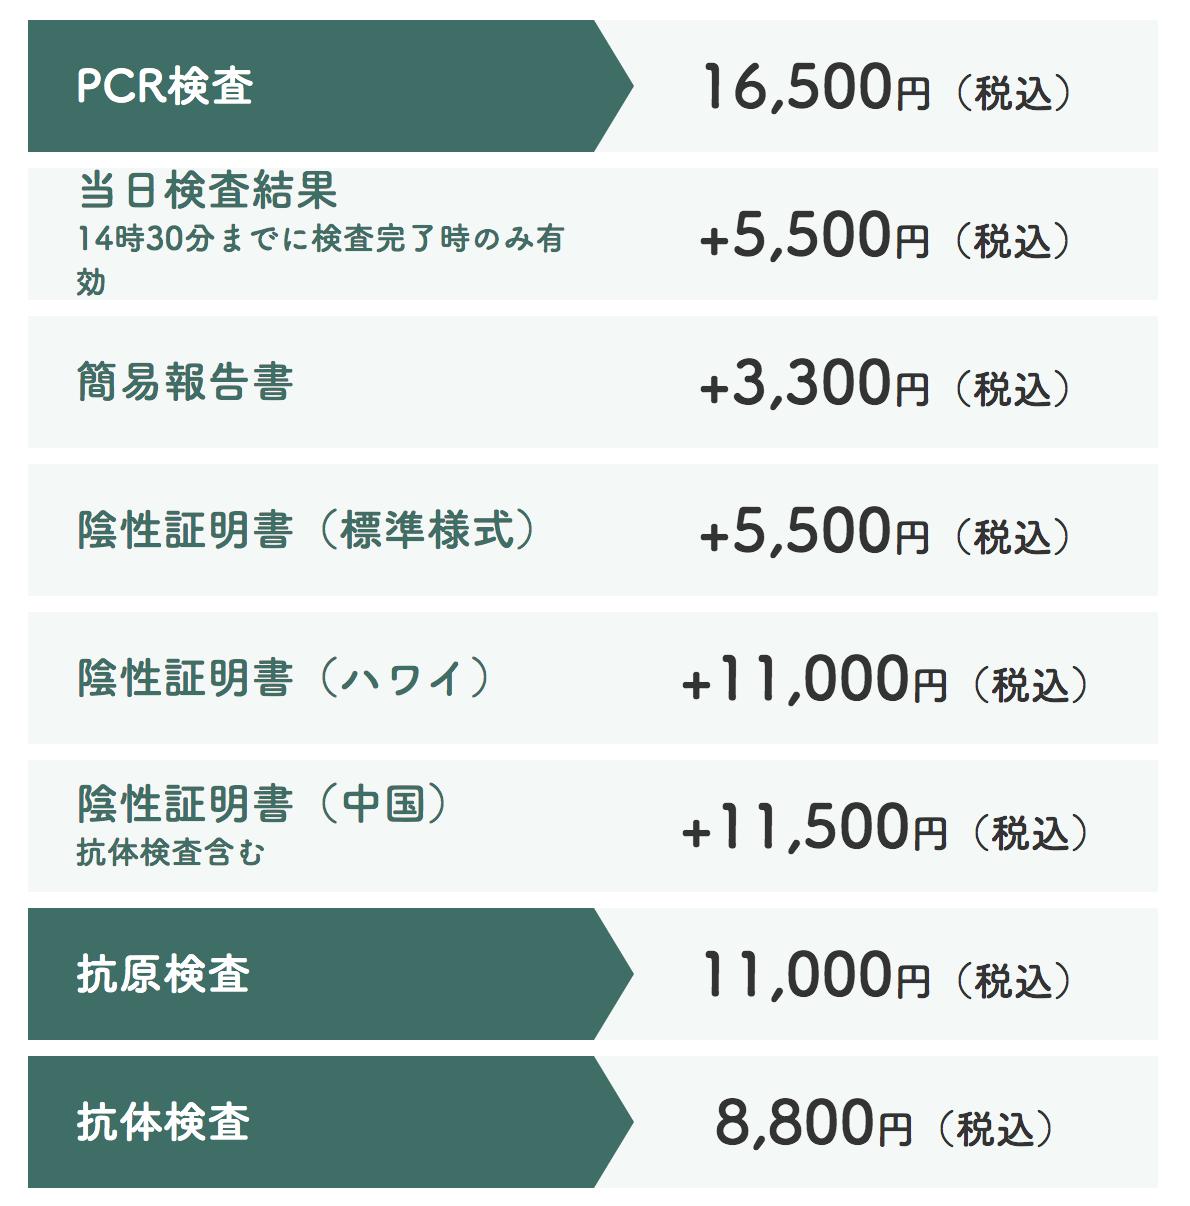 PCR検査来院検査価格2